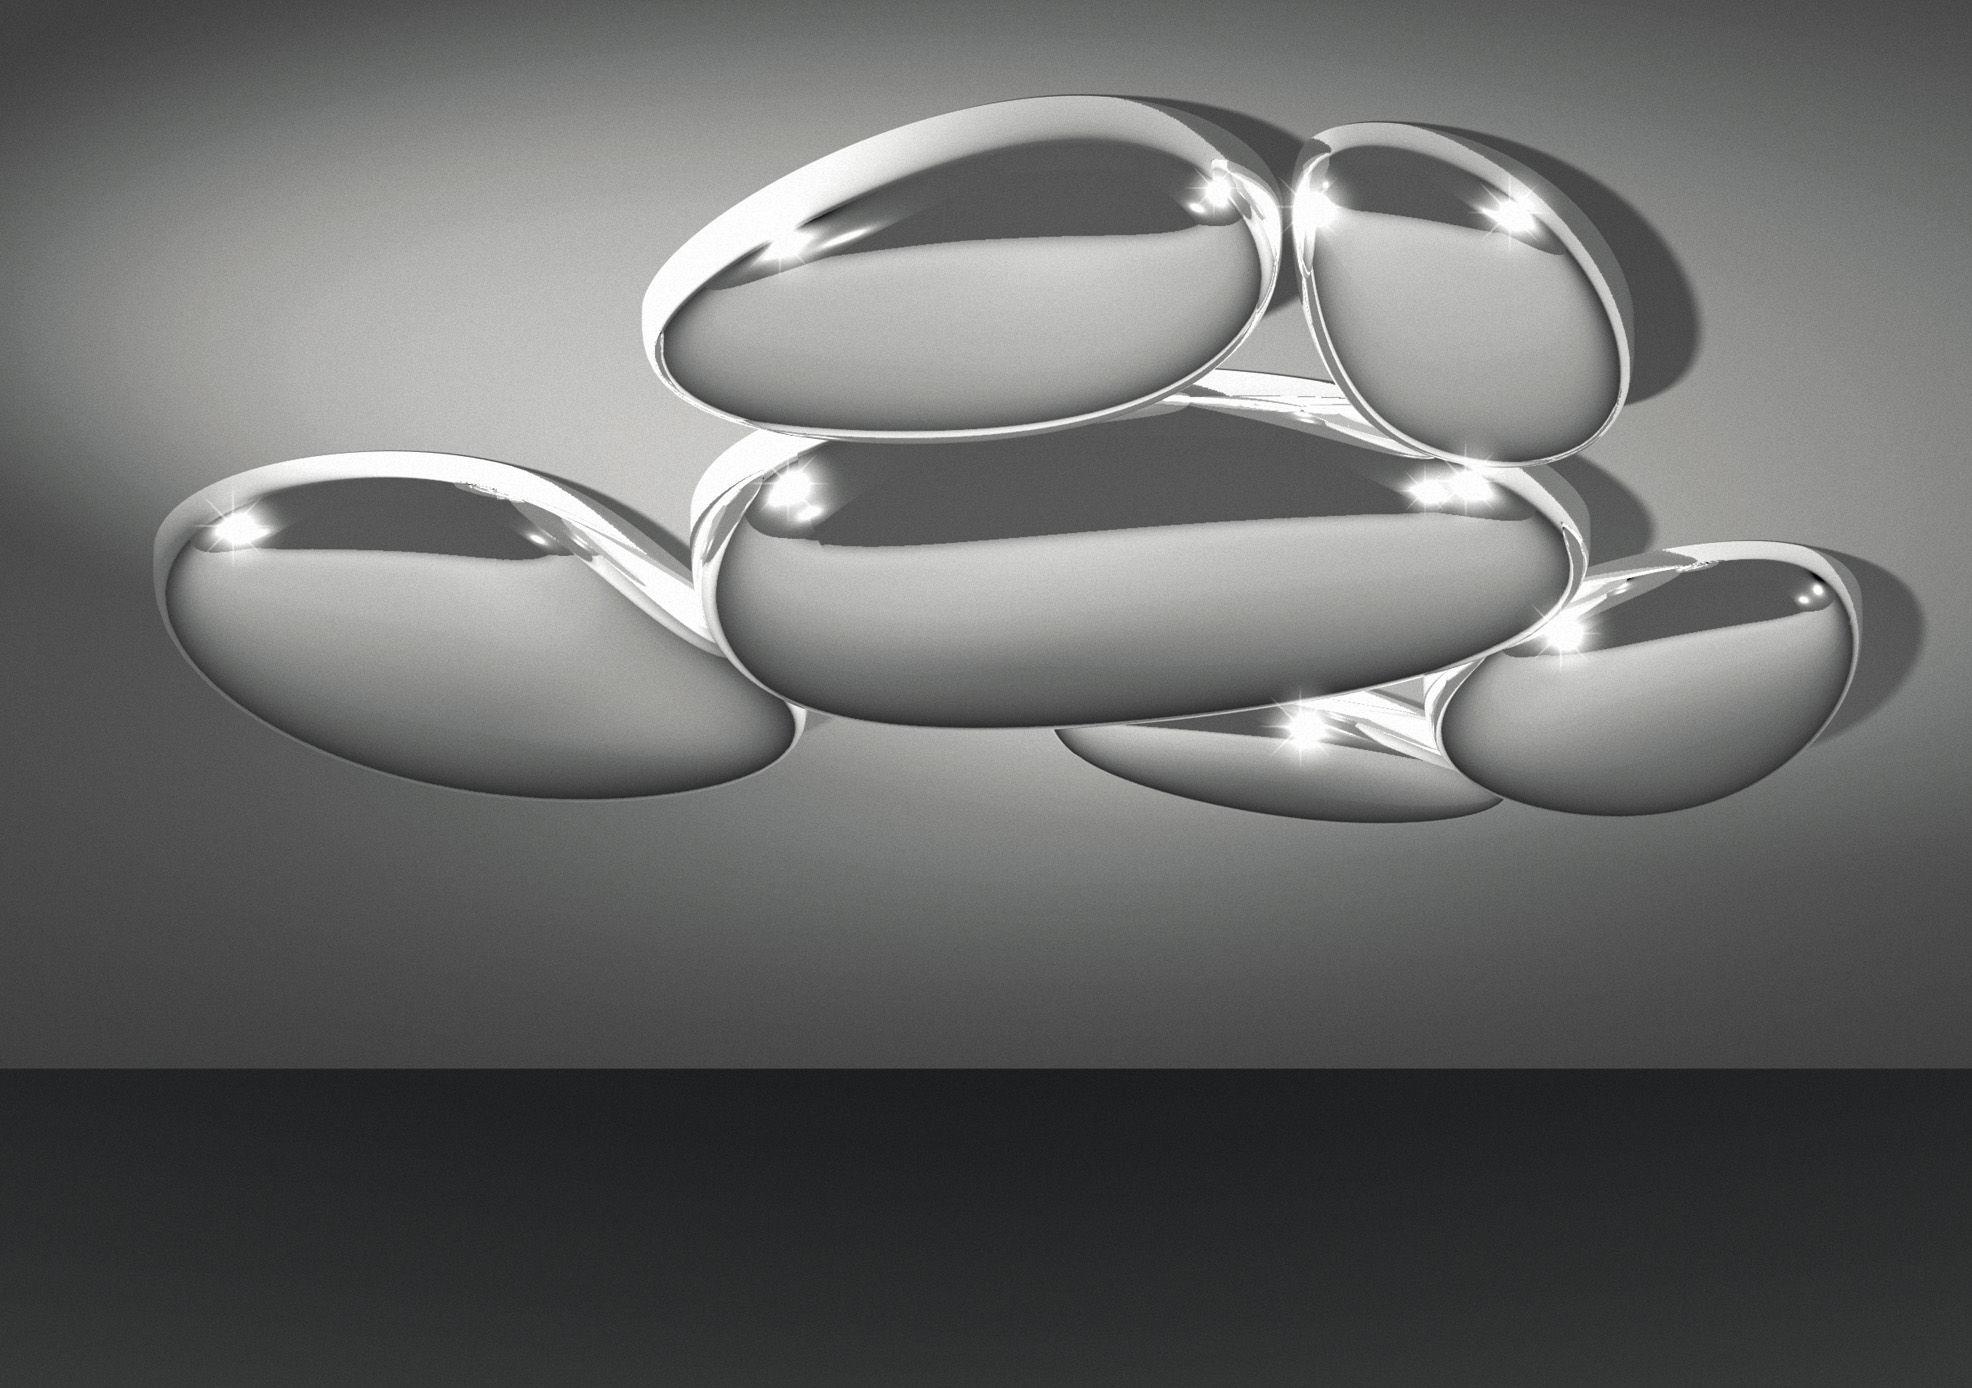 Luminaire - Plafonniers - Plafonnier Skydro module non électrifié - Artemide - Chrome brillant - ABS, Fonte d'aluminium